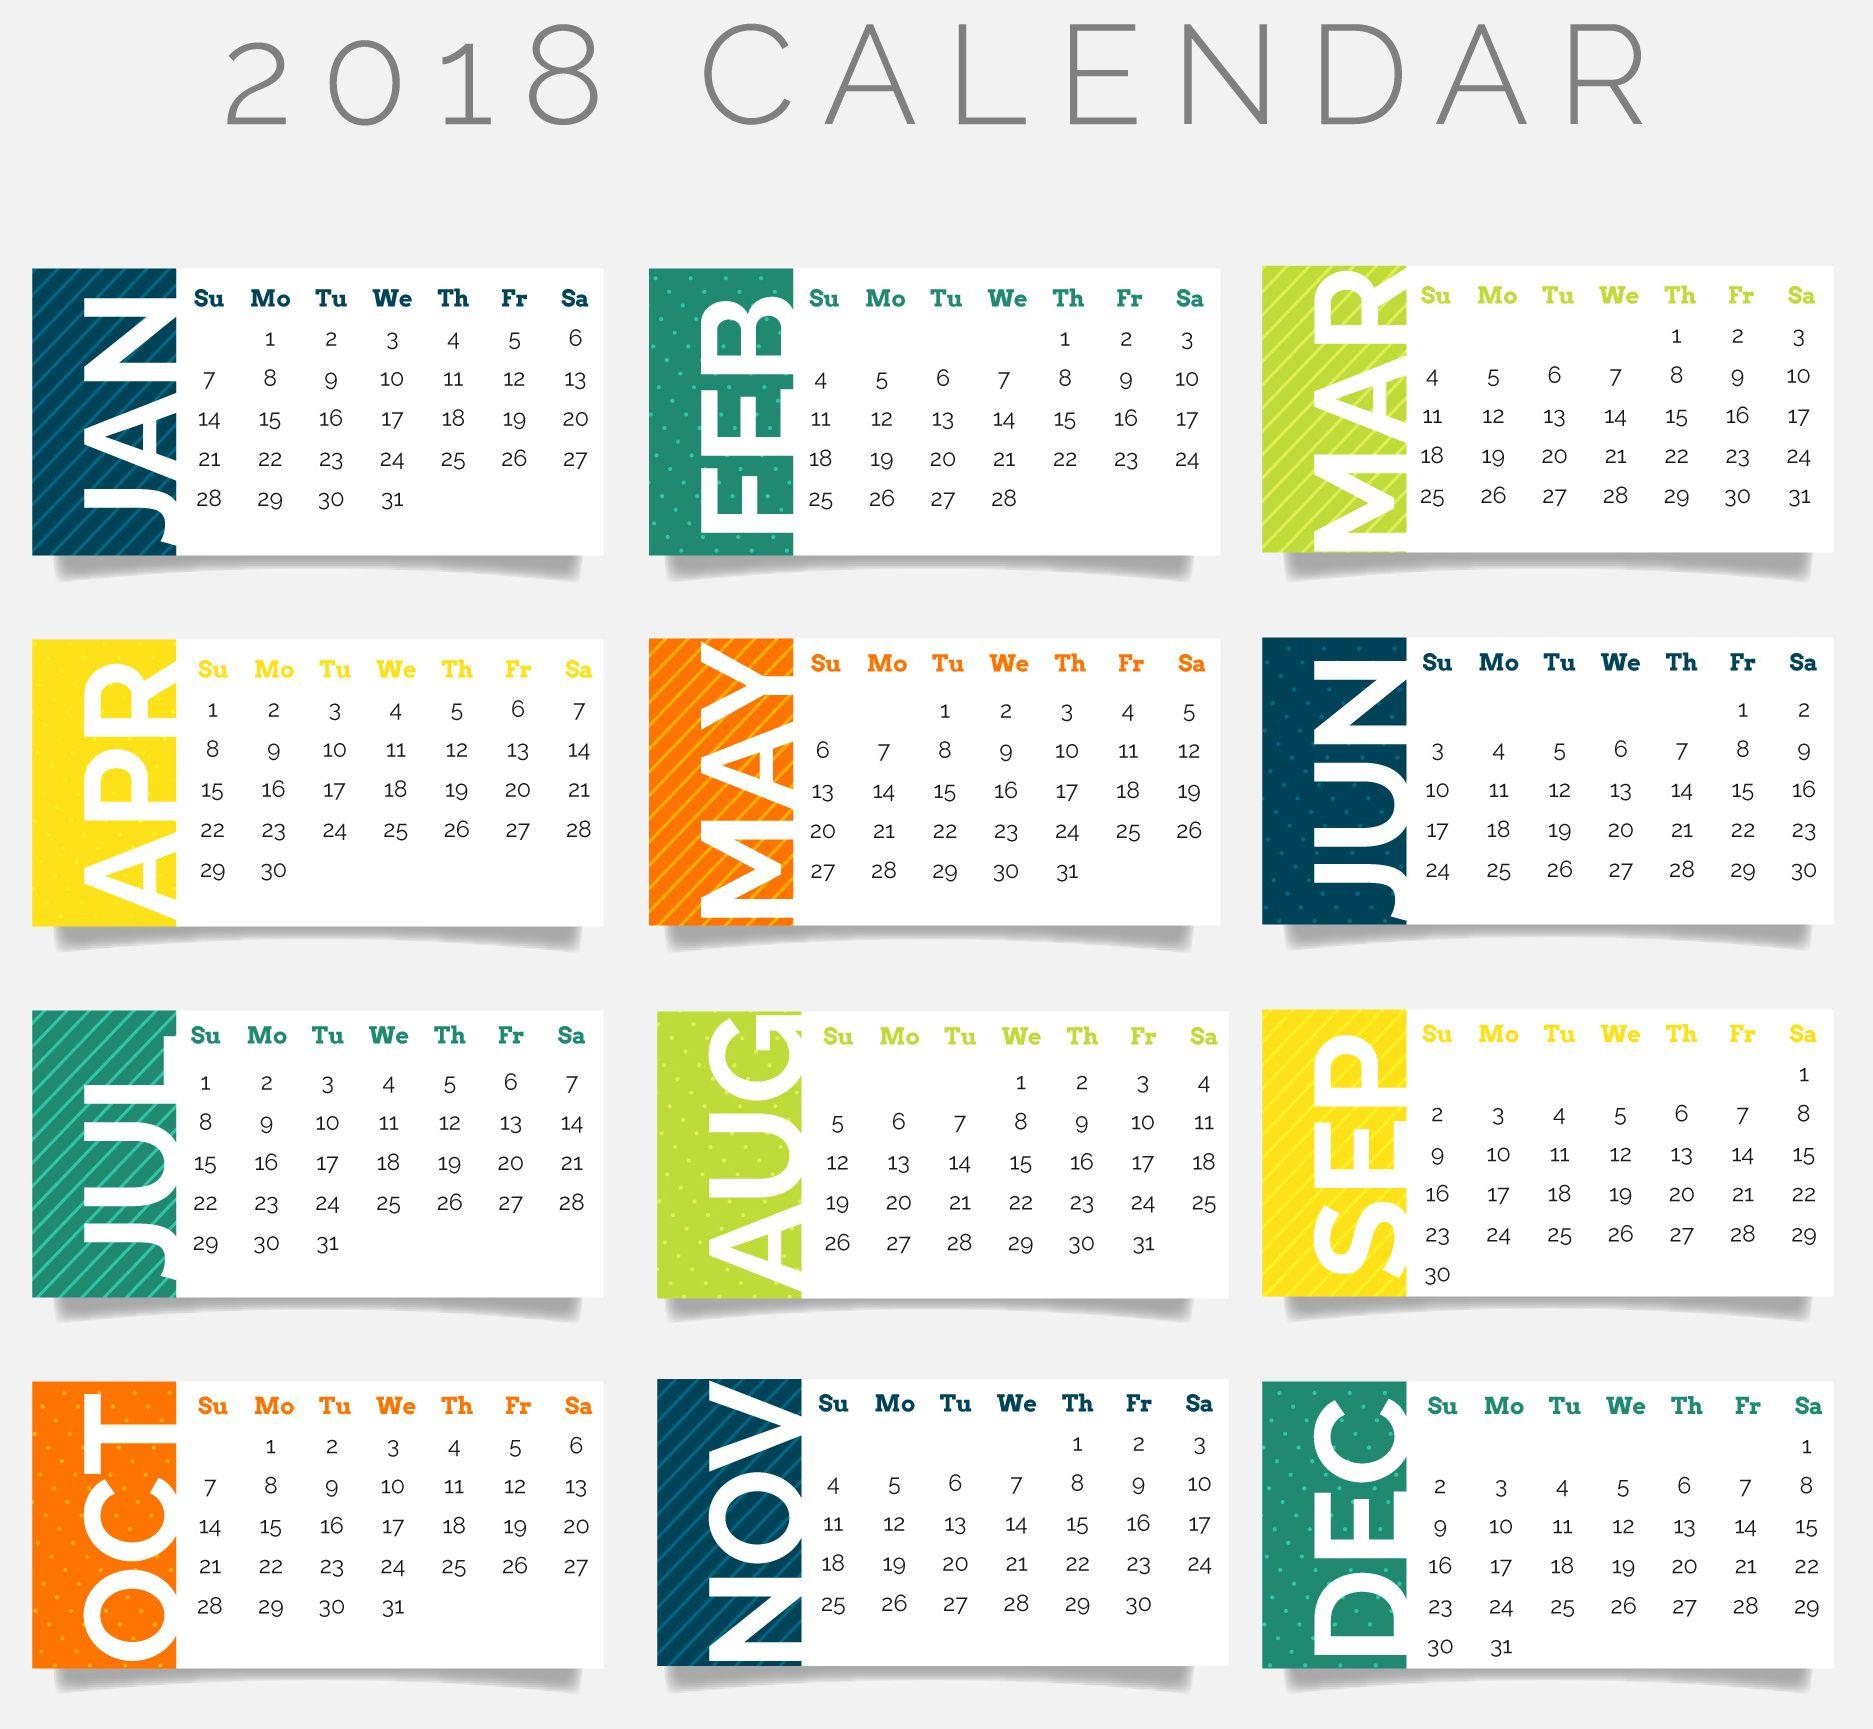 2018 Calendar Wallpapers HD CalendarBuzz 1873x1729